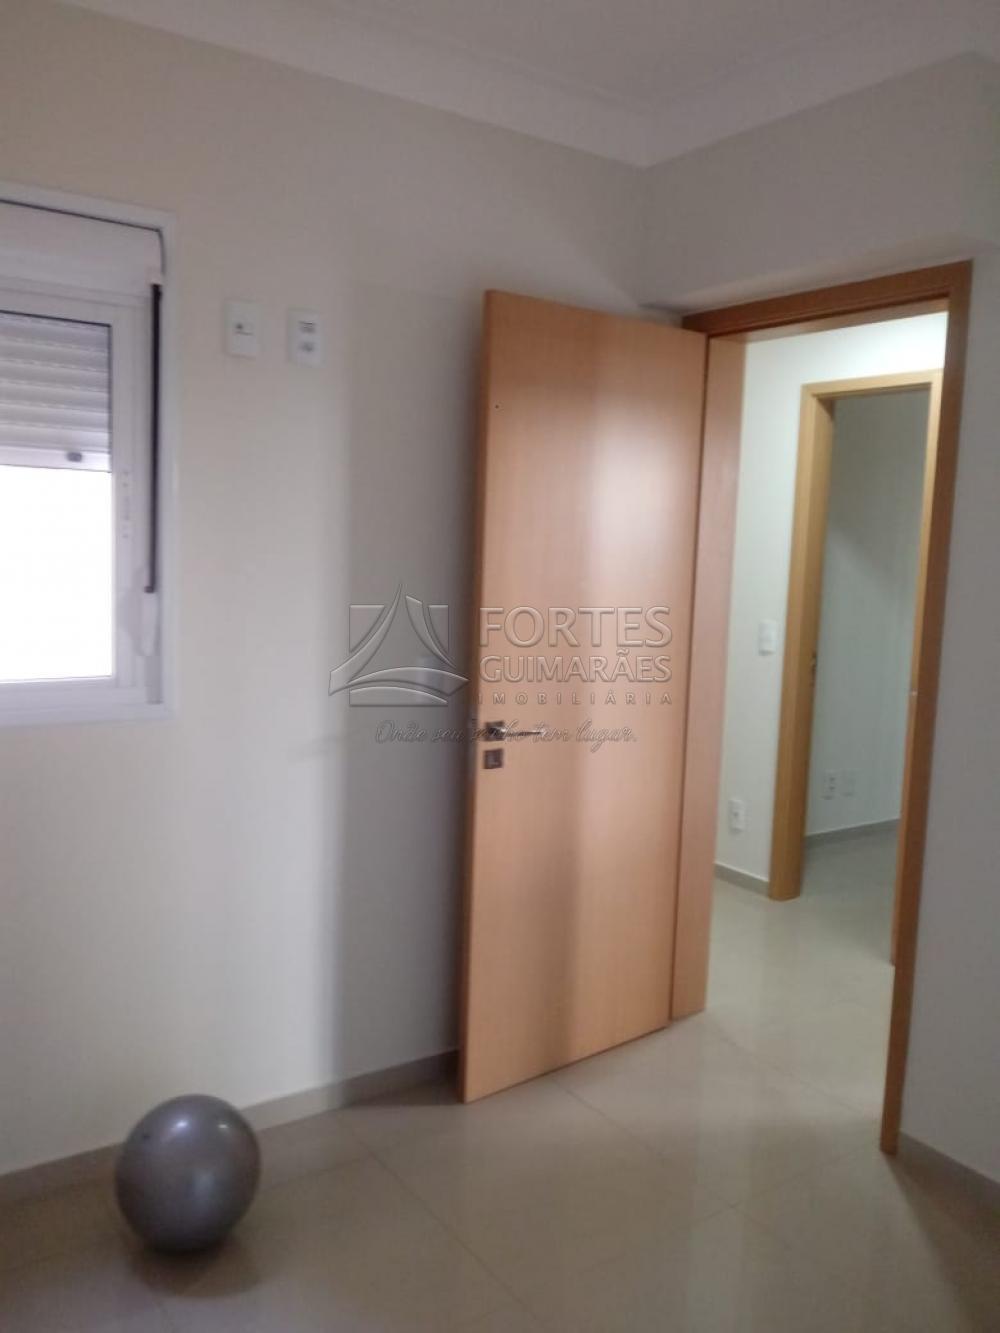 Alugar Apartamentos / Padrão em Ribeirão Preto apenas R$ 3.200,00 - Foto 19